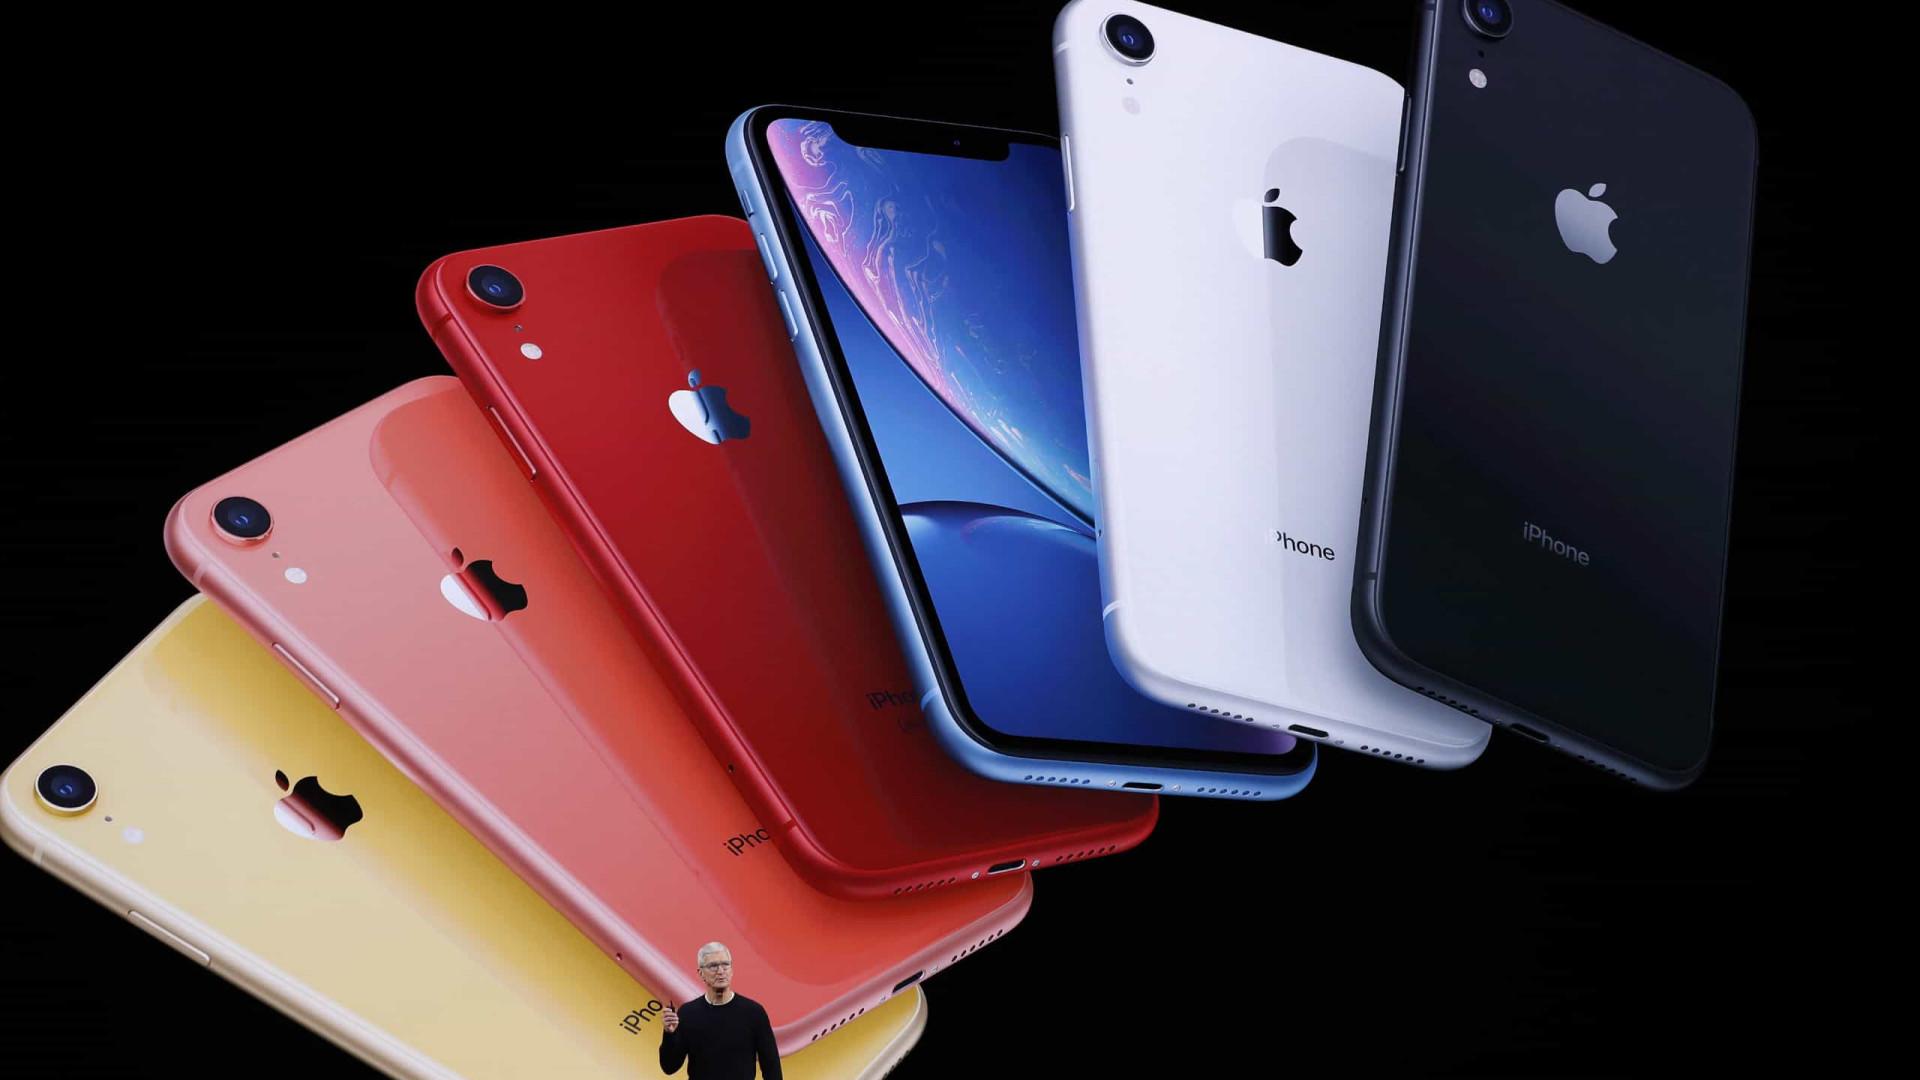 iPhone 11 tem preço de US$ 699 e tela de 6,1 polegadas